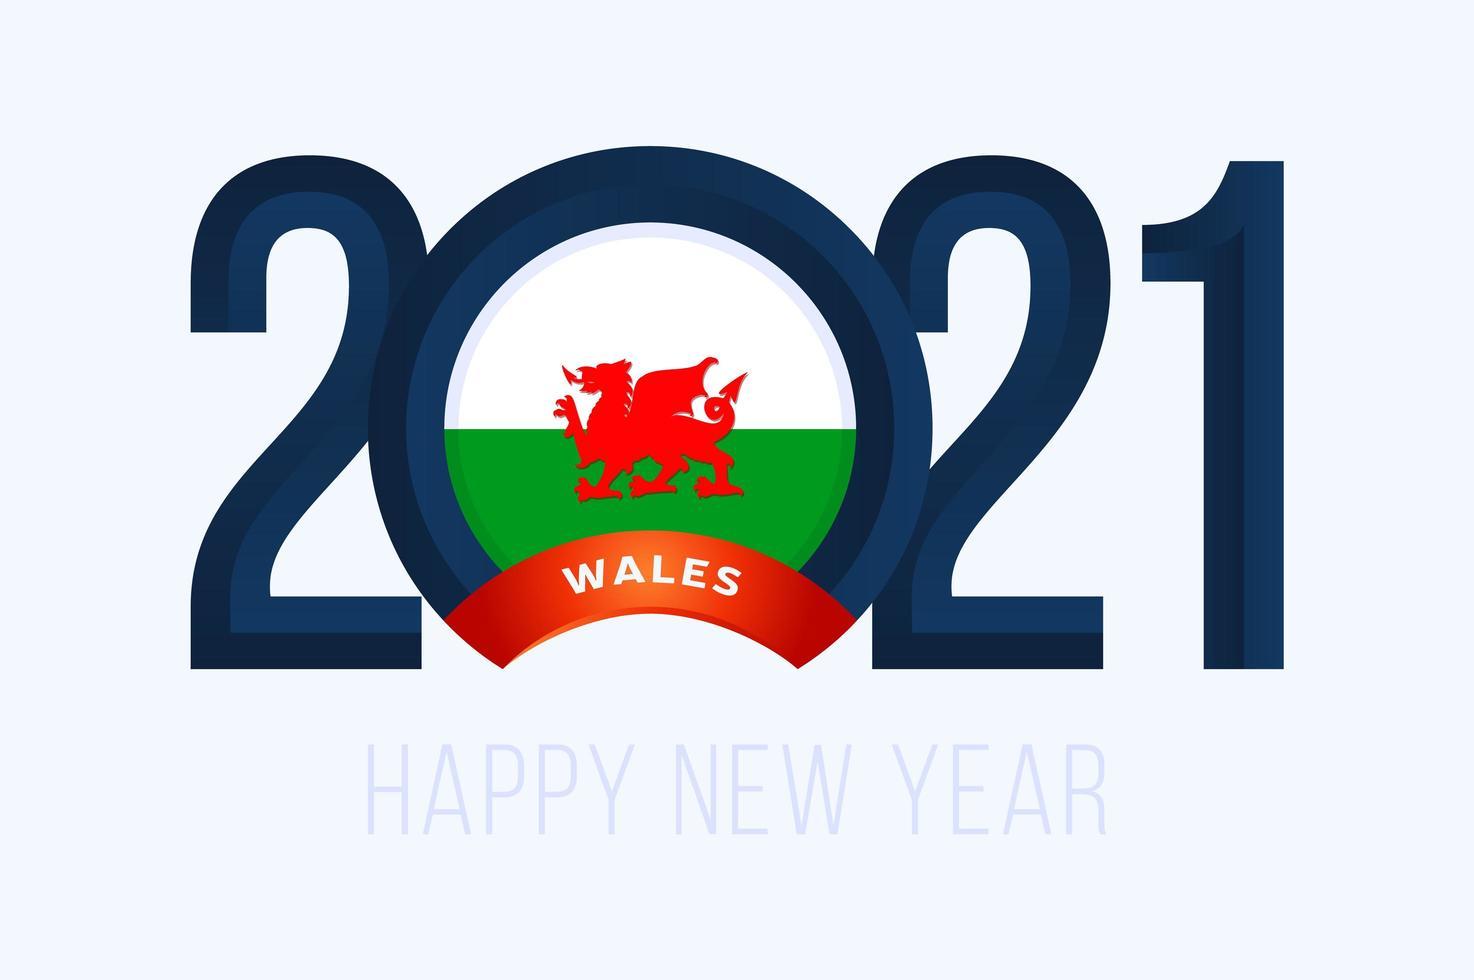 tipografía de año nuevo 2021 con bandera de gales vector